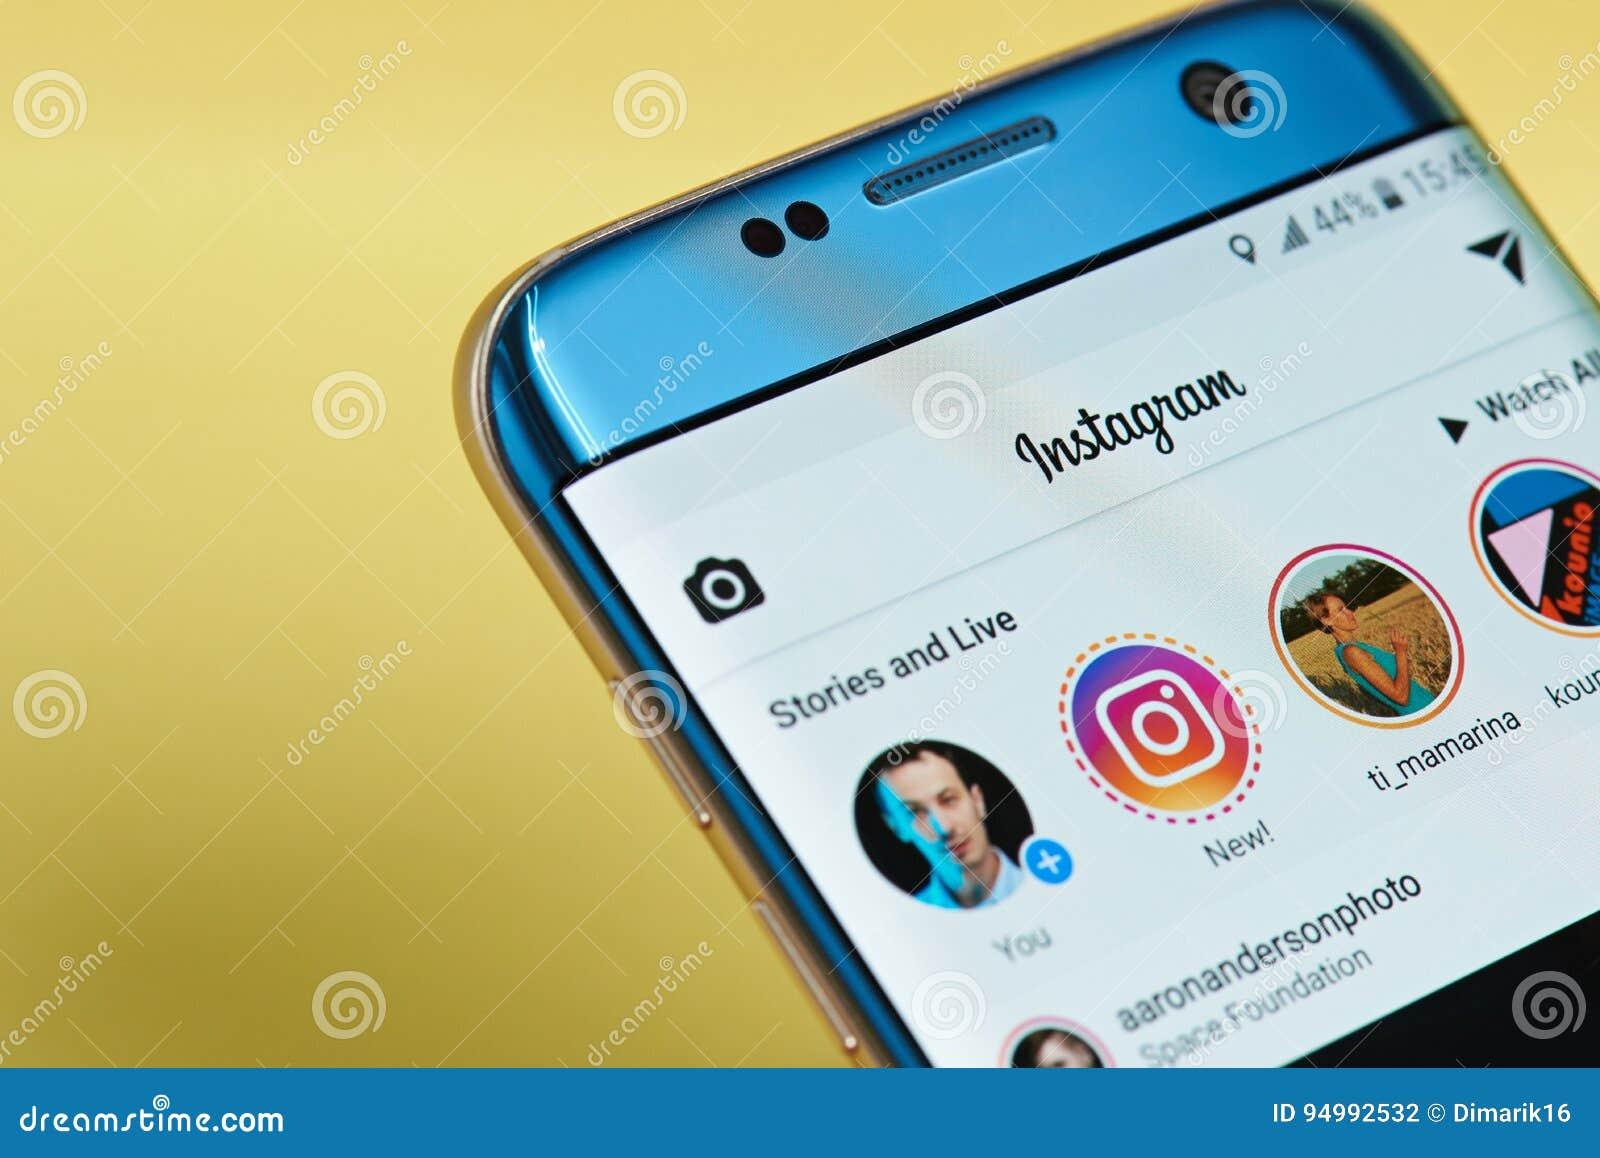 instagram app download new version 2017